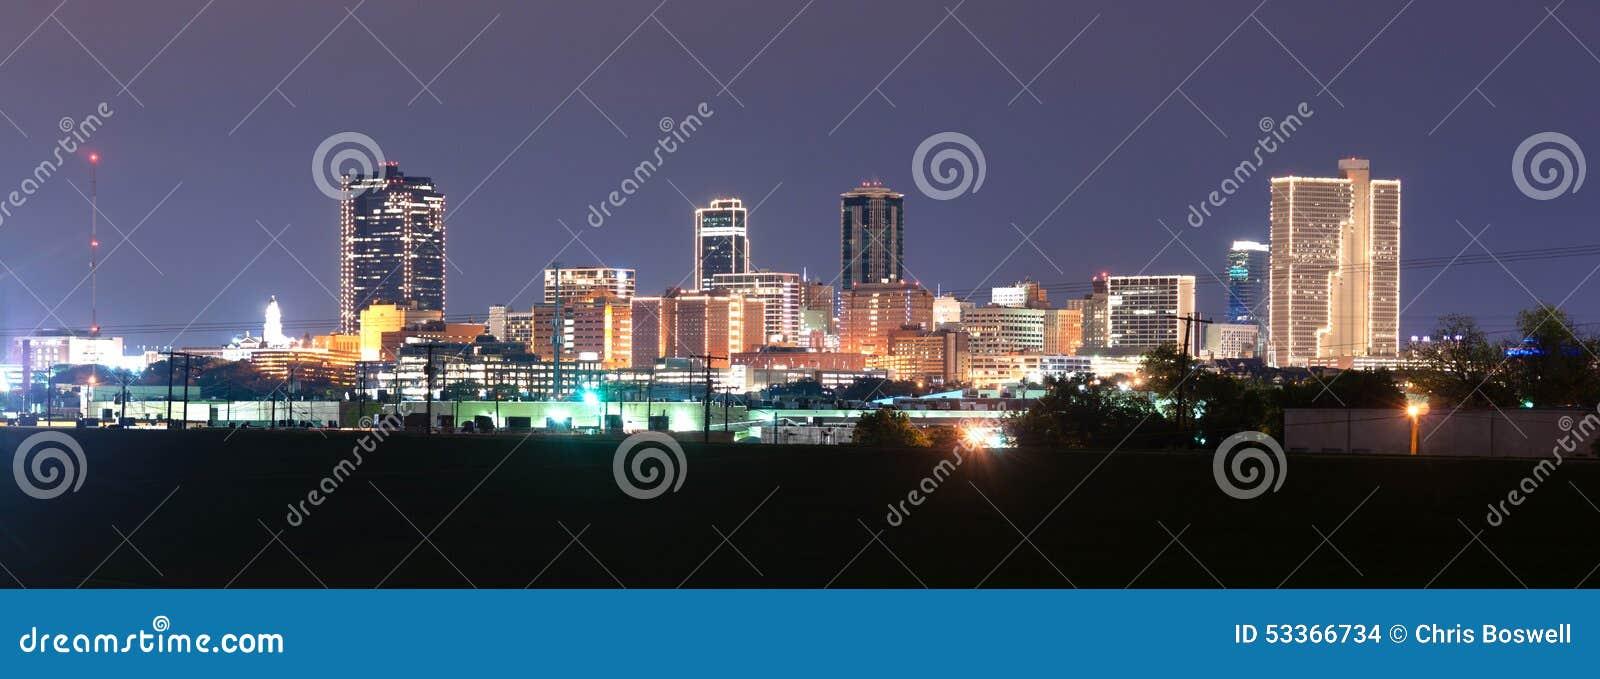 Στο κέντρο της πόλης ποταμός τριάδας οριζόντων του Fort Worth Τέξας αργά - νύχτα